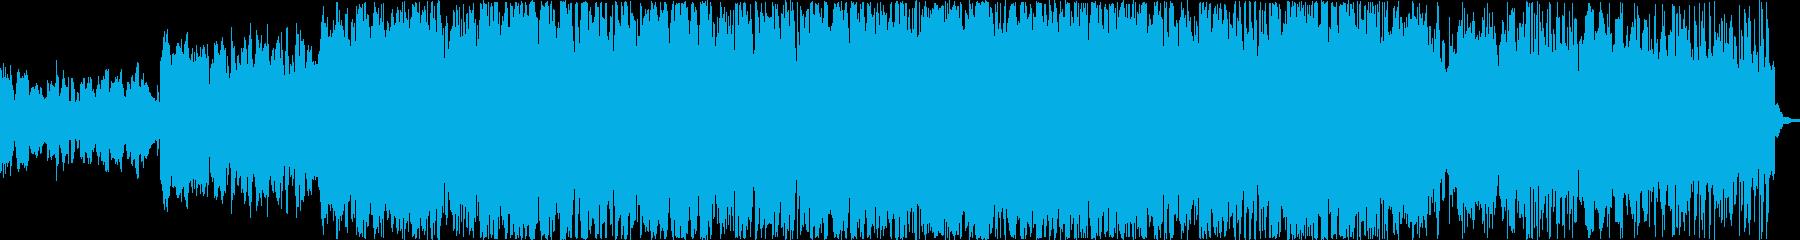 希望に満ち溢れているBGMの再生済みの波形